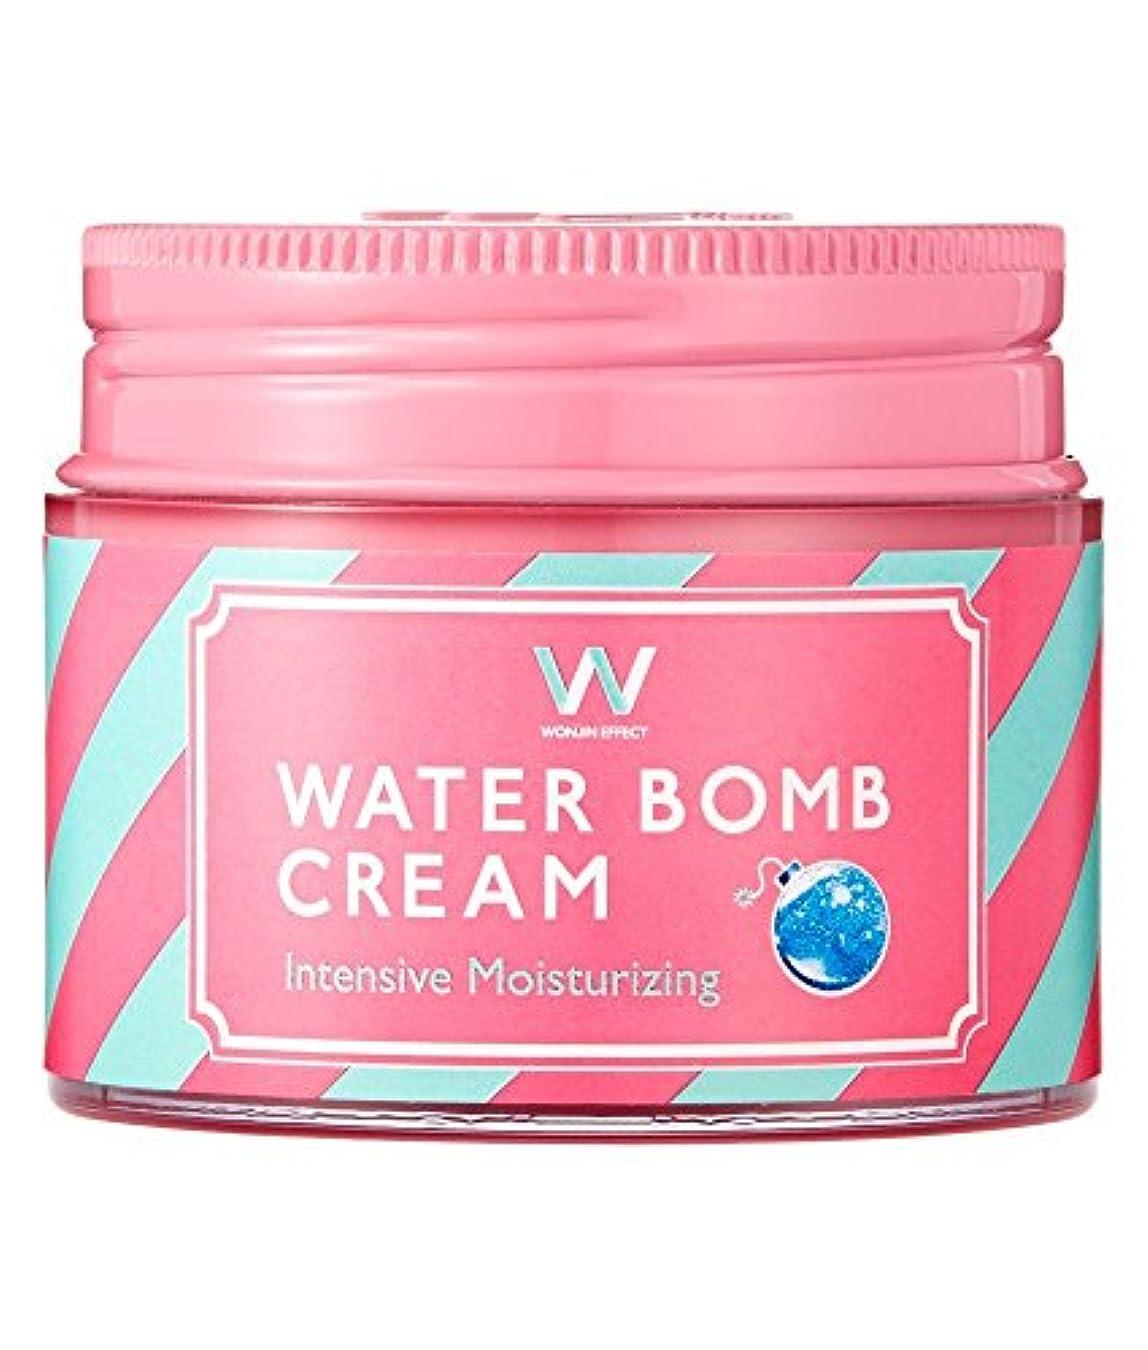 出血ホステスバランスのとれたWONJIN EFFECT ウォンジンエフェクト水爆弾クリーム/ウォーターボムクリーム [Water Bomb Cream] - 50ml, 1.69 fl. oz.